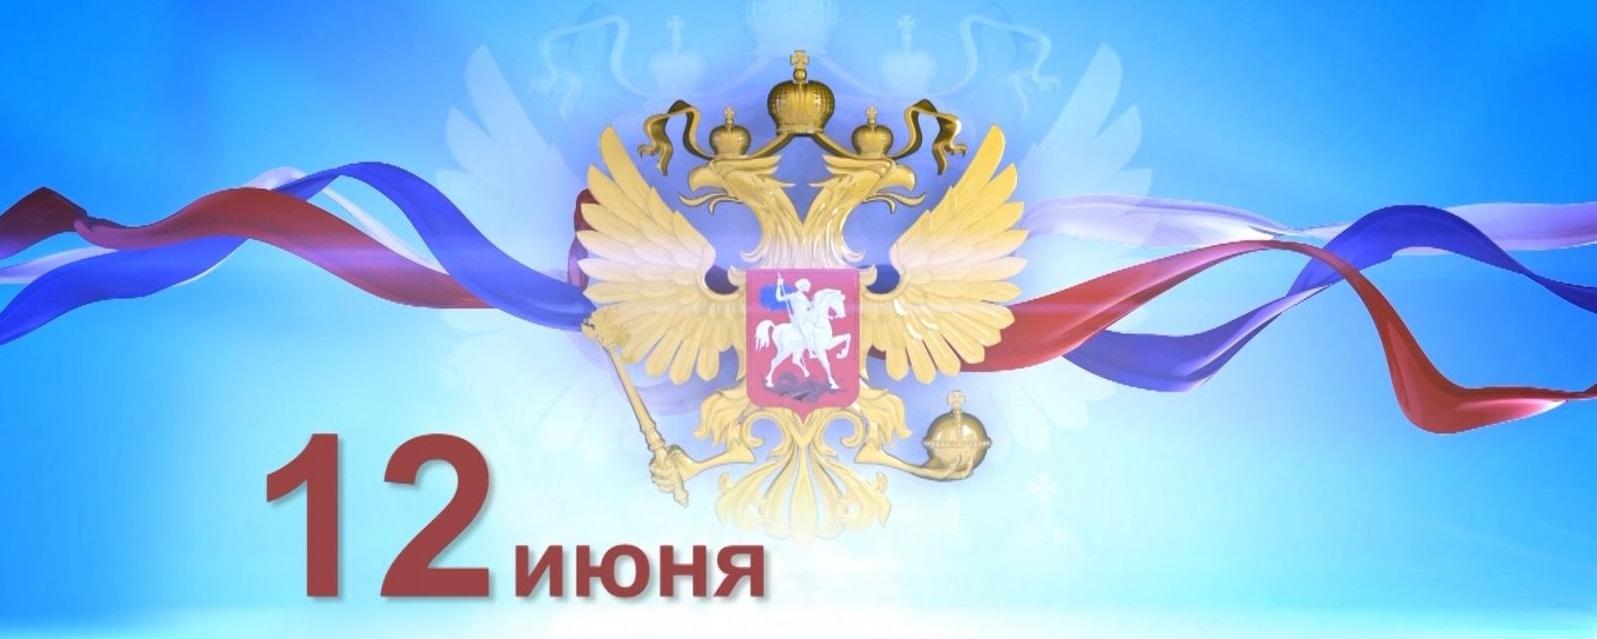 С днем россии открытки